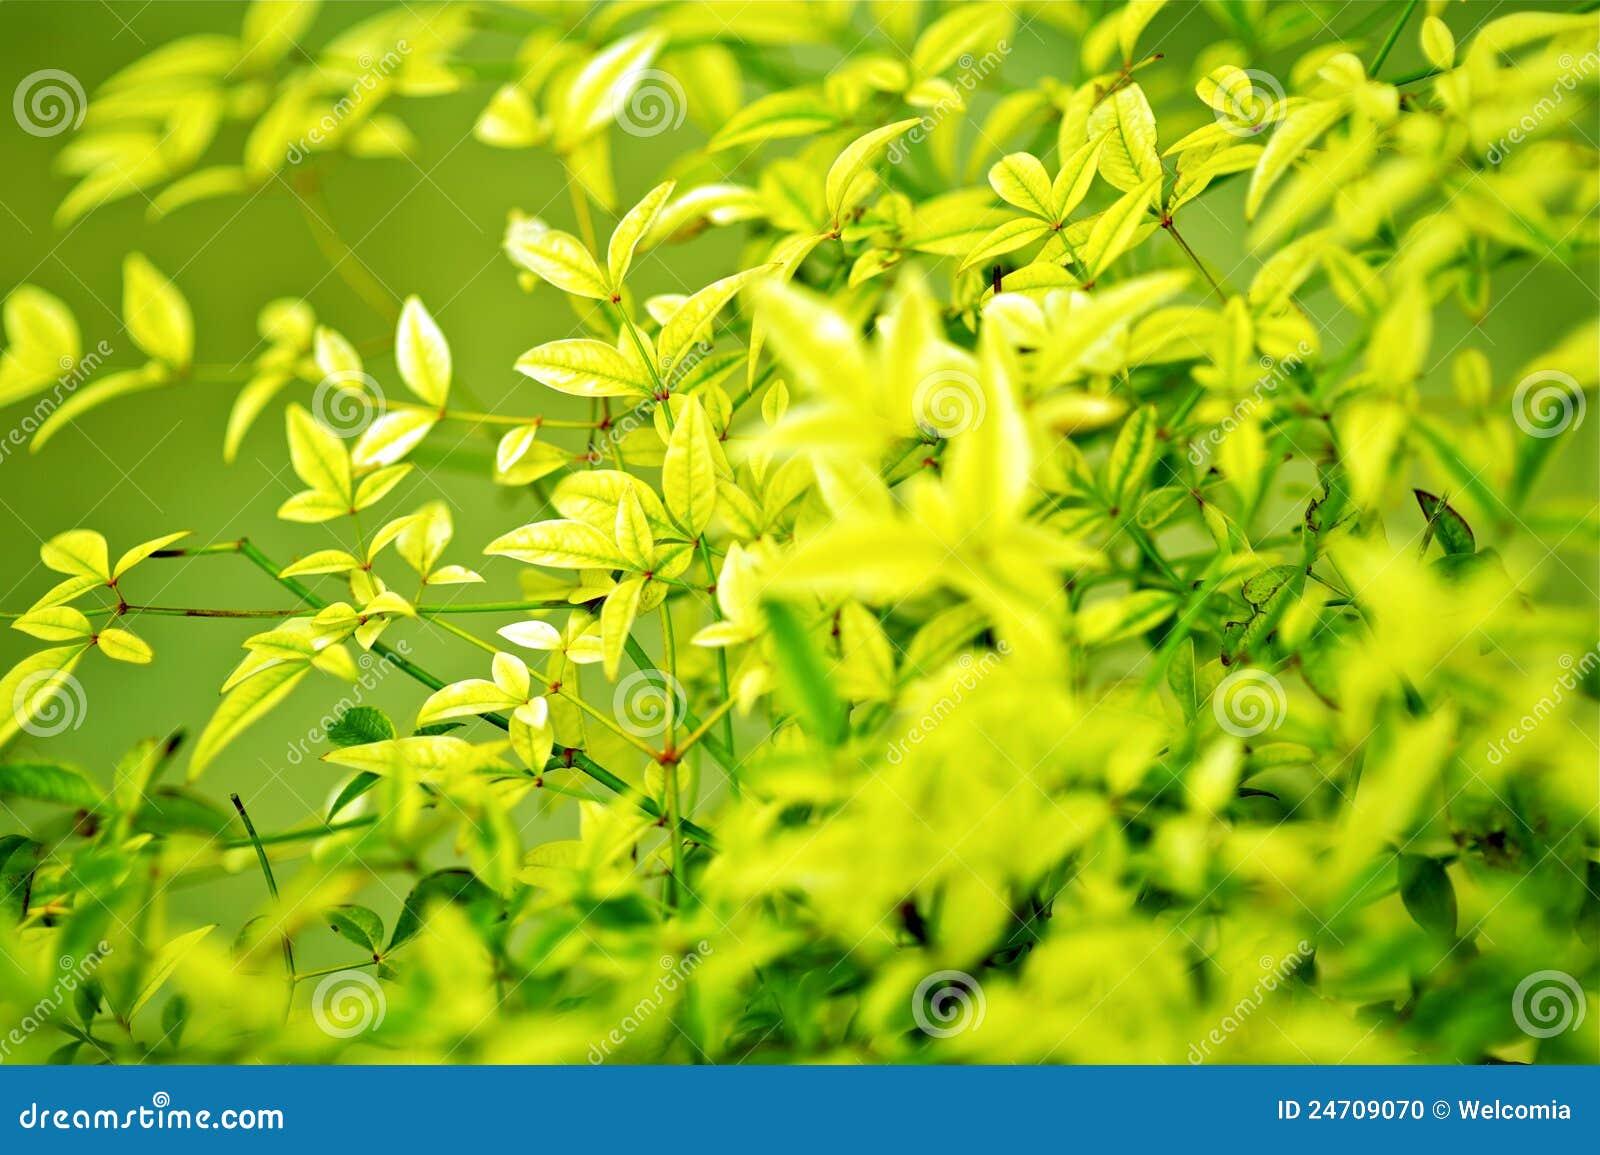 Grüner Leafes Hintergrund